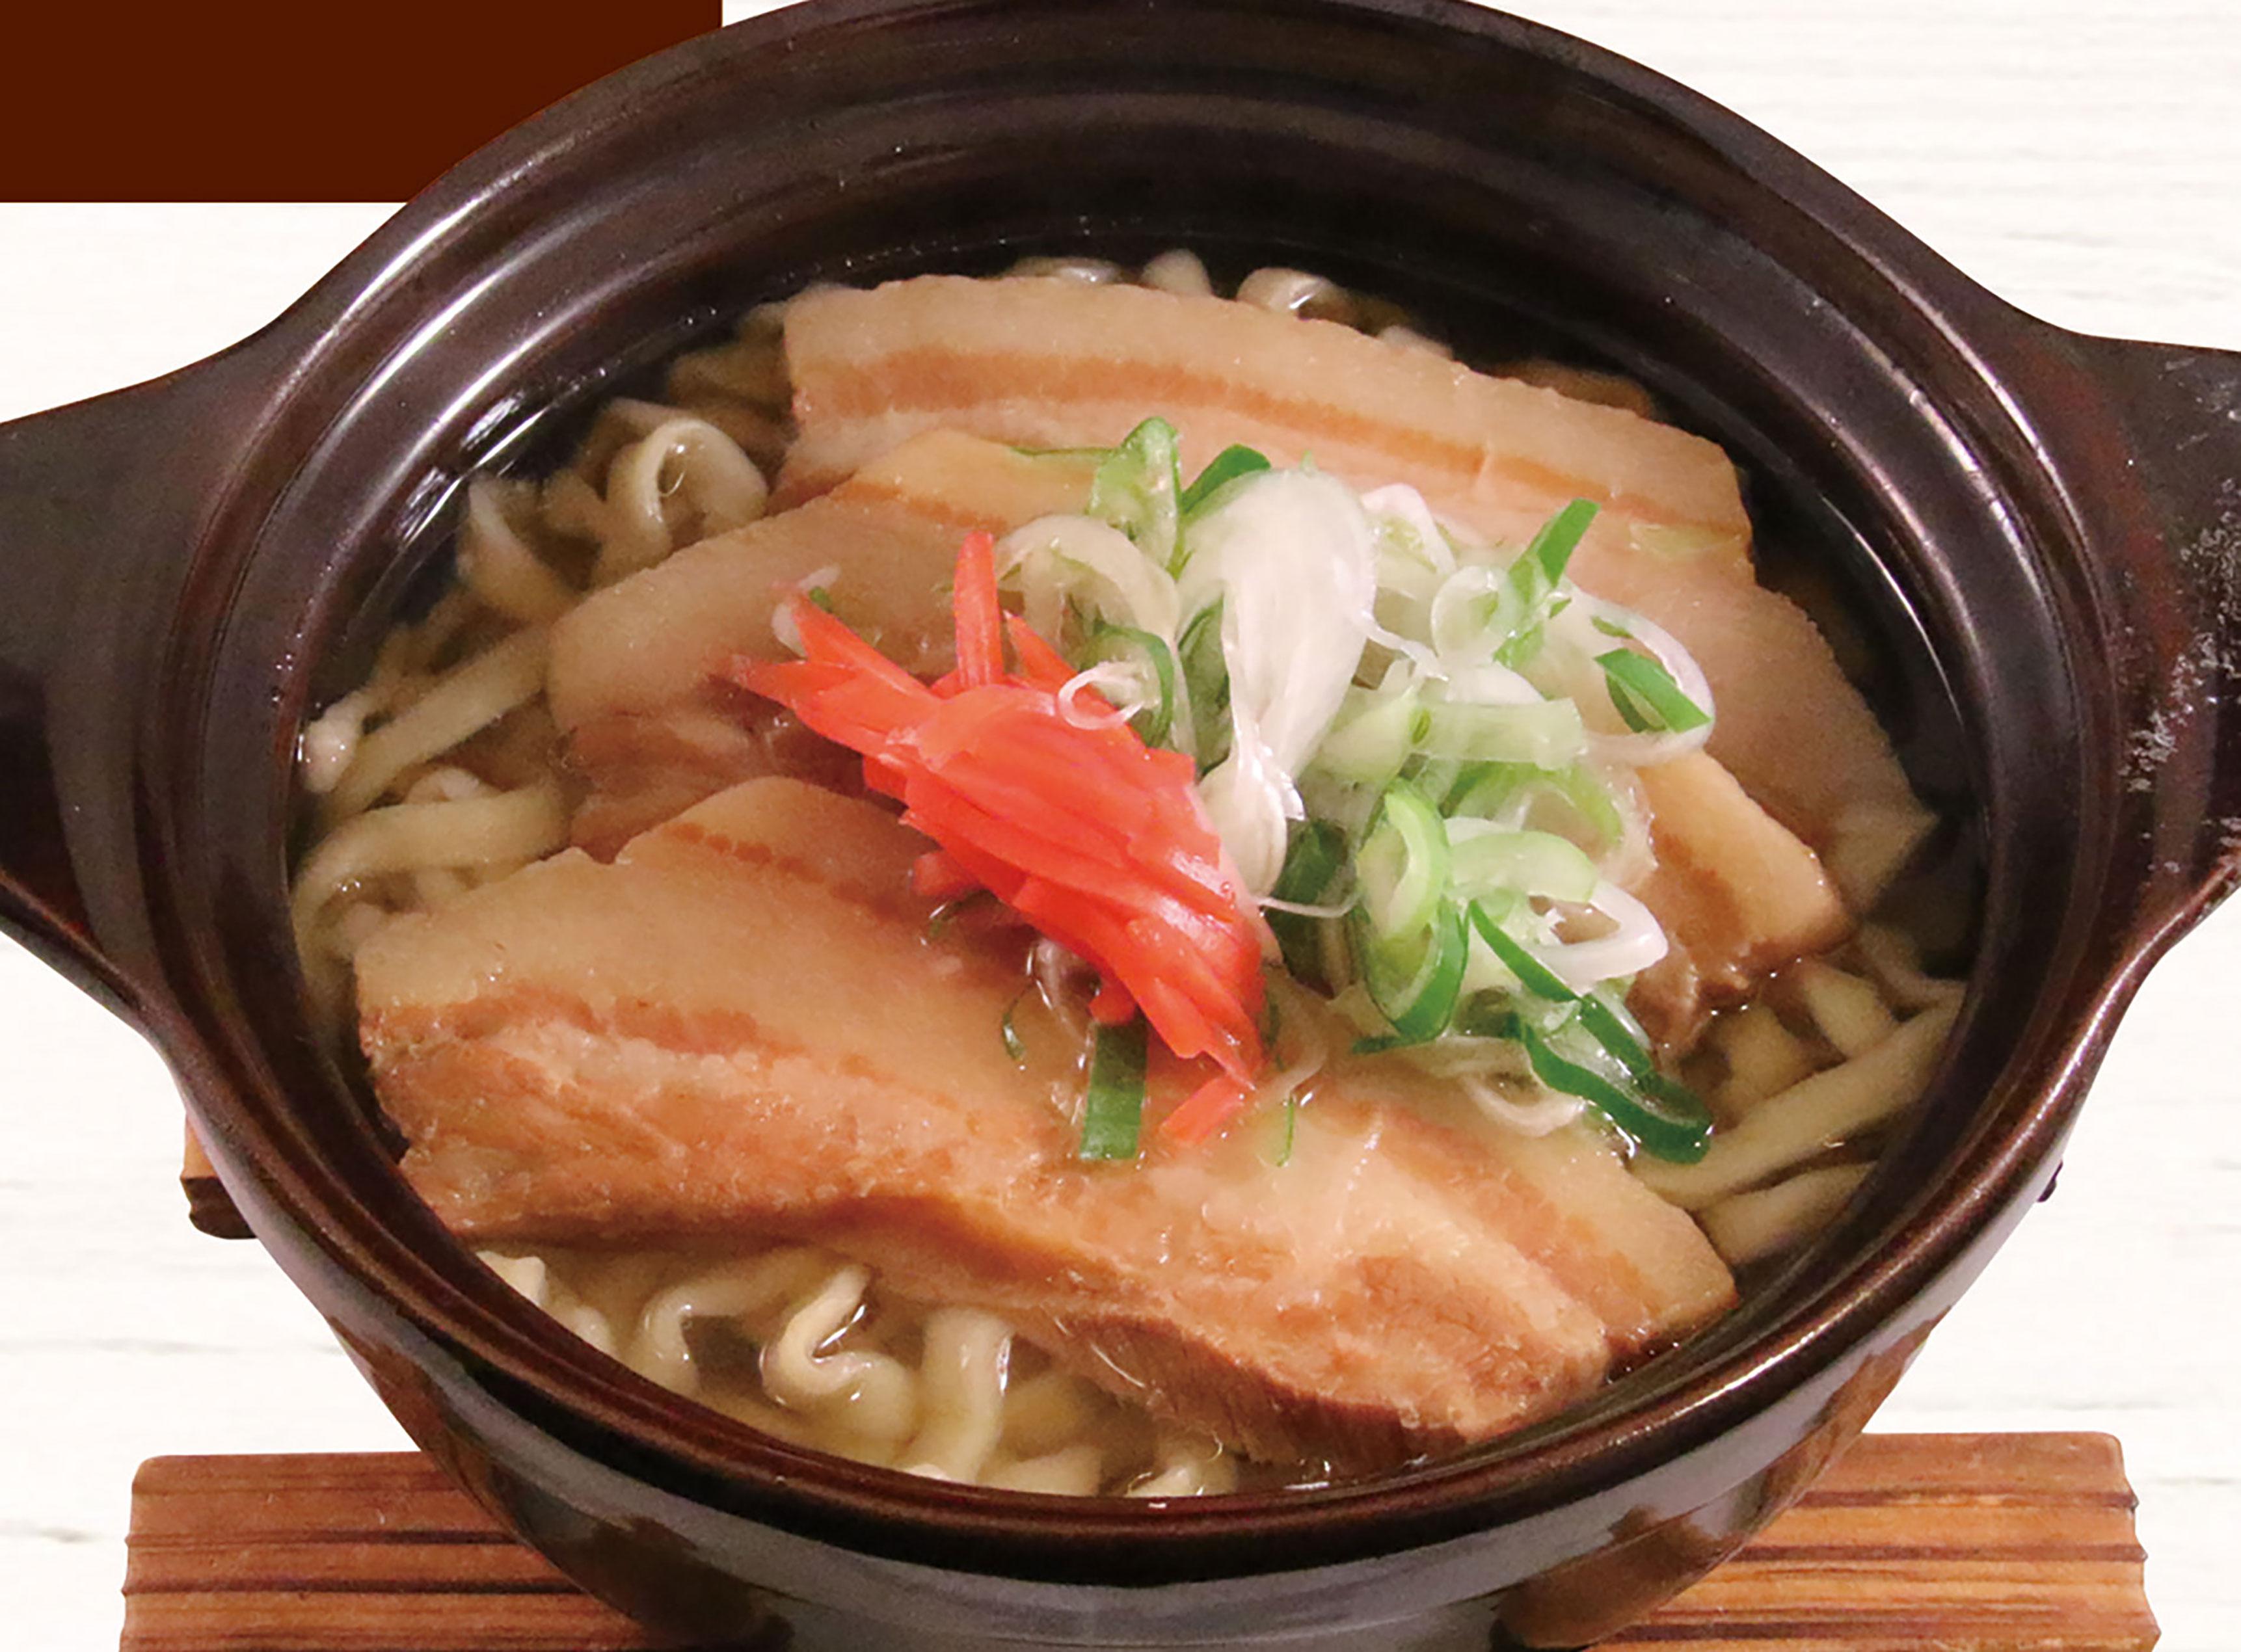 「沖縄そば(850円)」。子どもにも大人気のあっさり出汁。100円増しで雑炊にするのもオススメ。昼はサラダバーも付きます